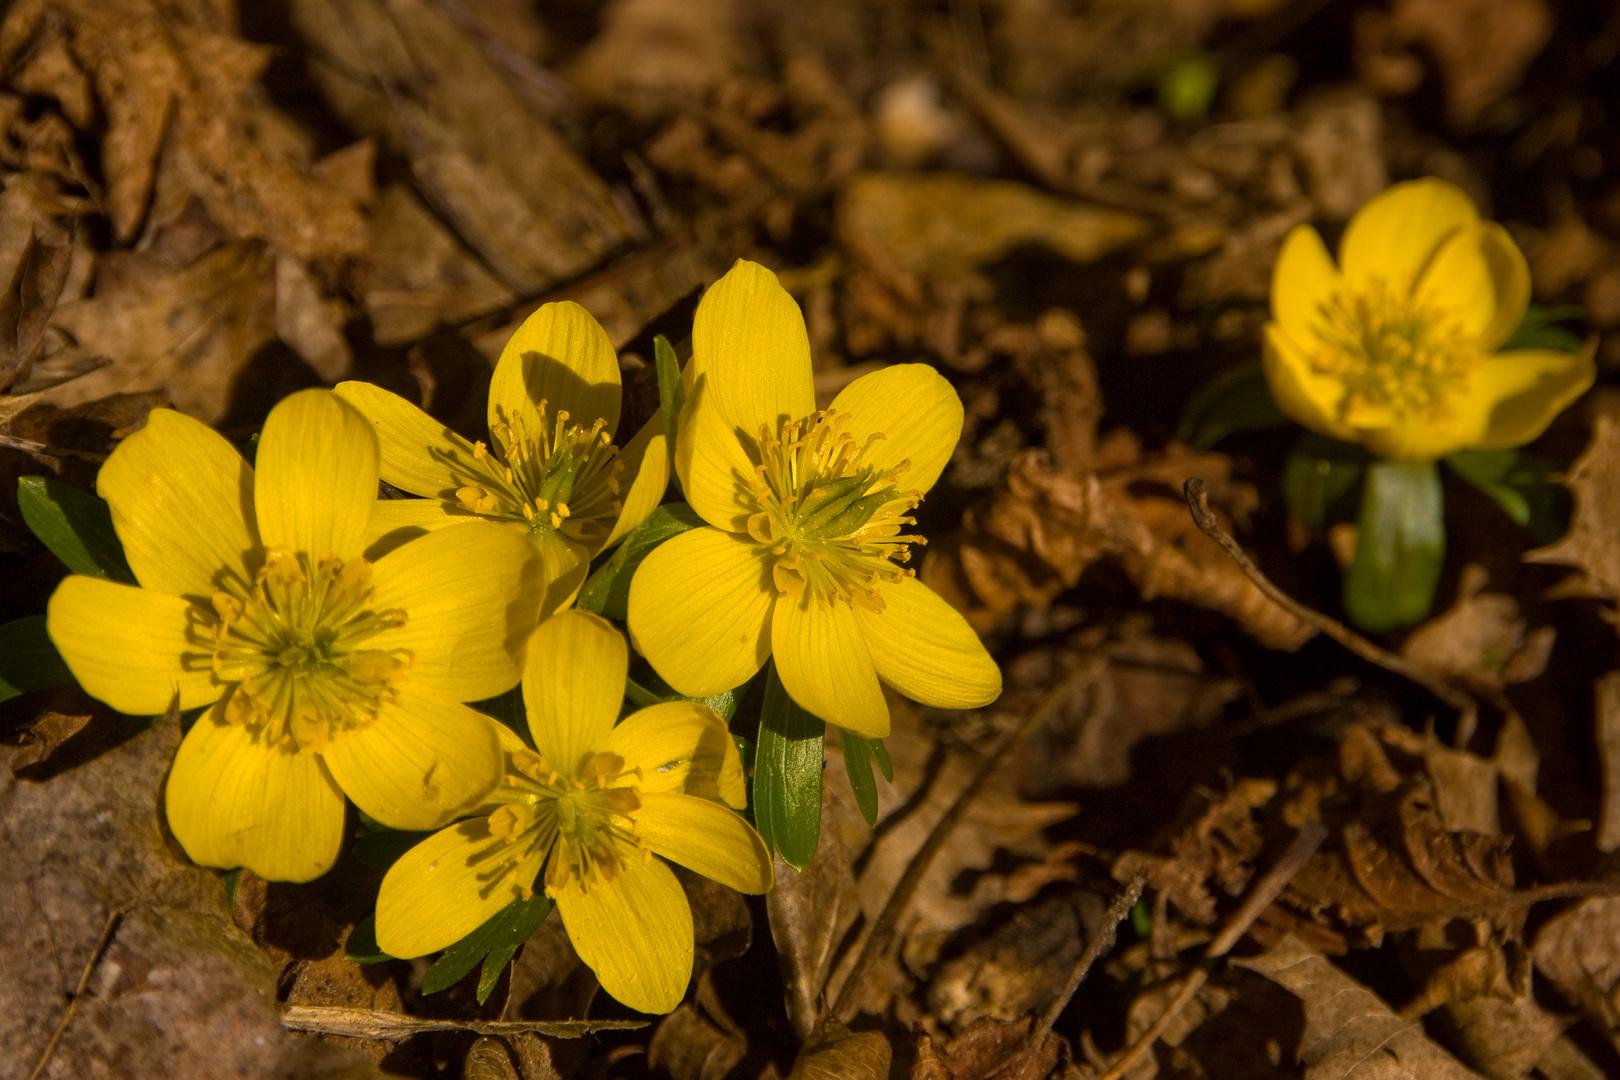 Kleine gelbe Sonnen